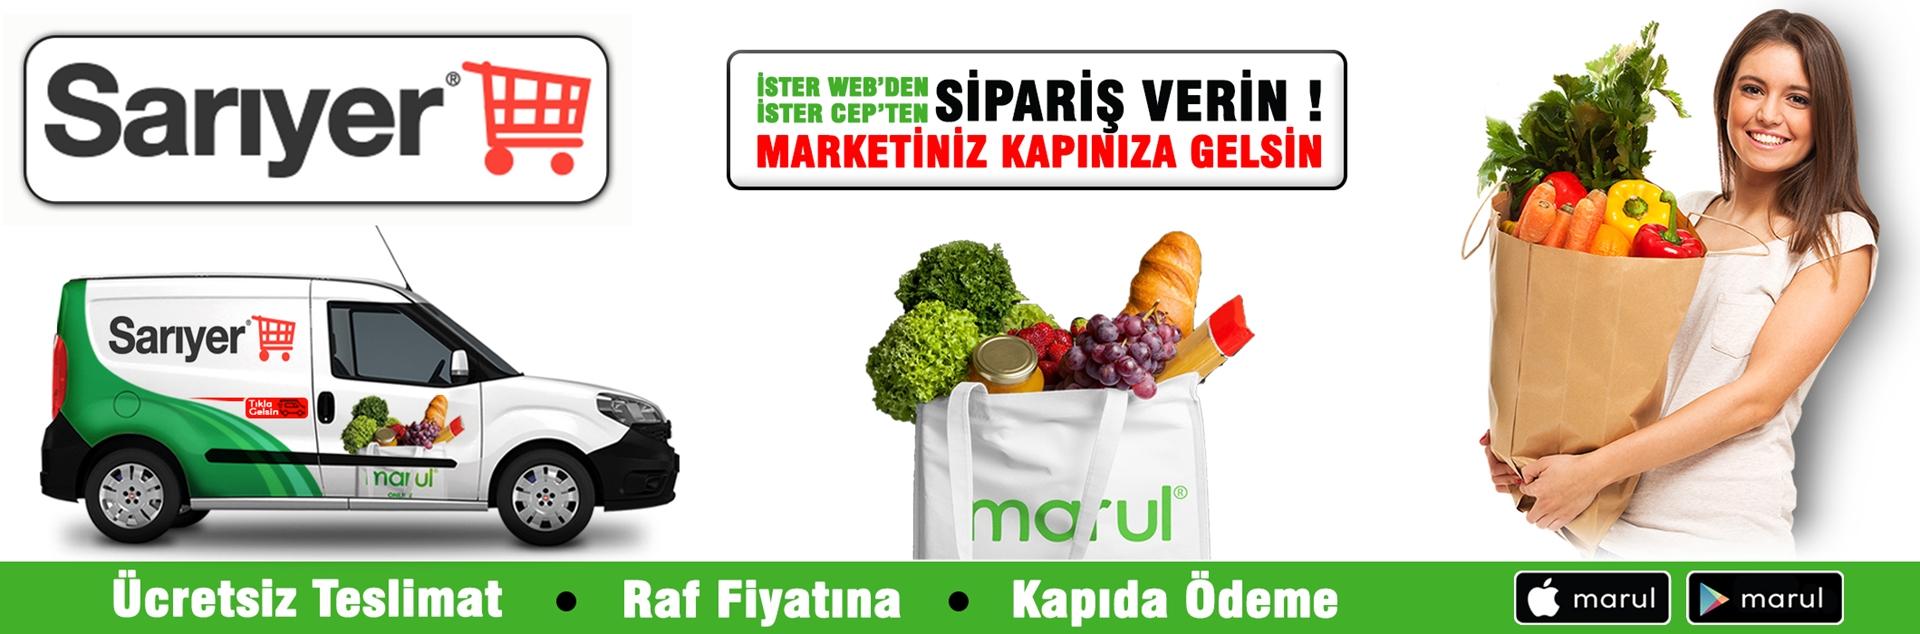 sarıyer market online market siparişi